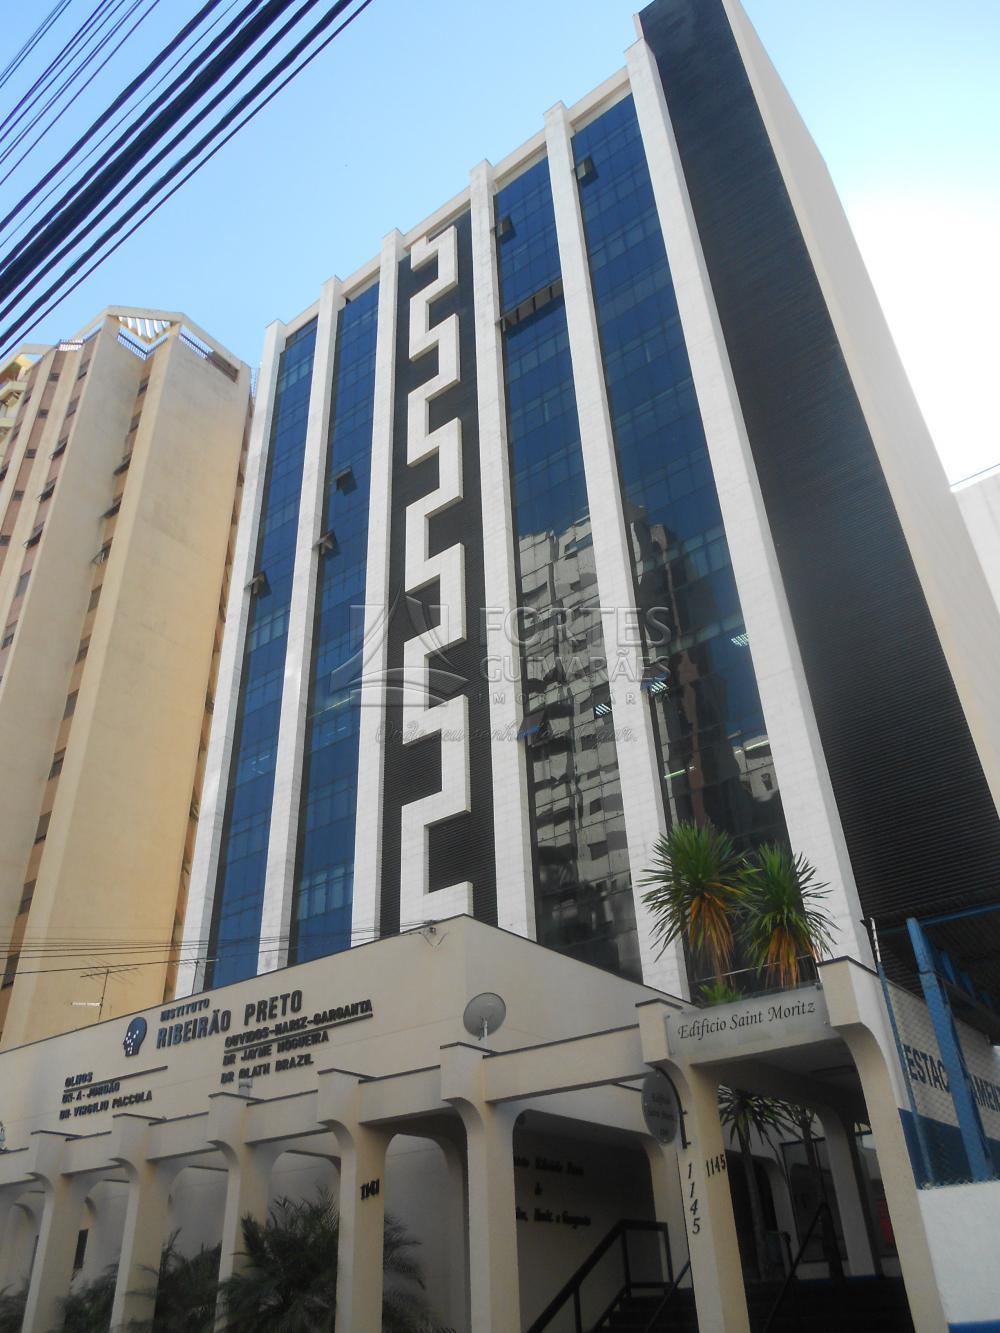 Alugar Comercial / Sala em Ribeirão Preto apenas R$ 7.590,00 - Foto 26